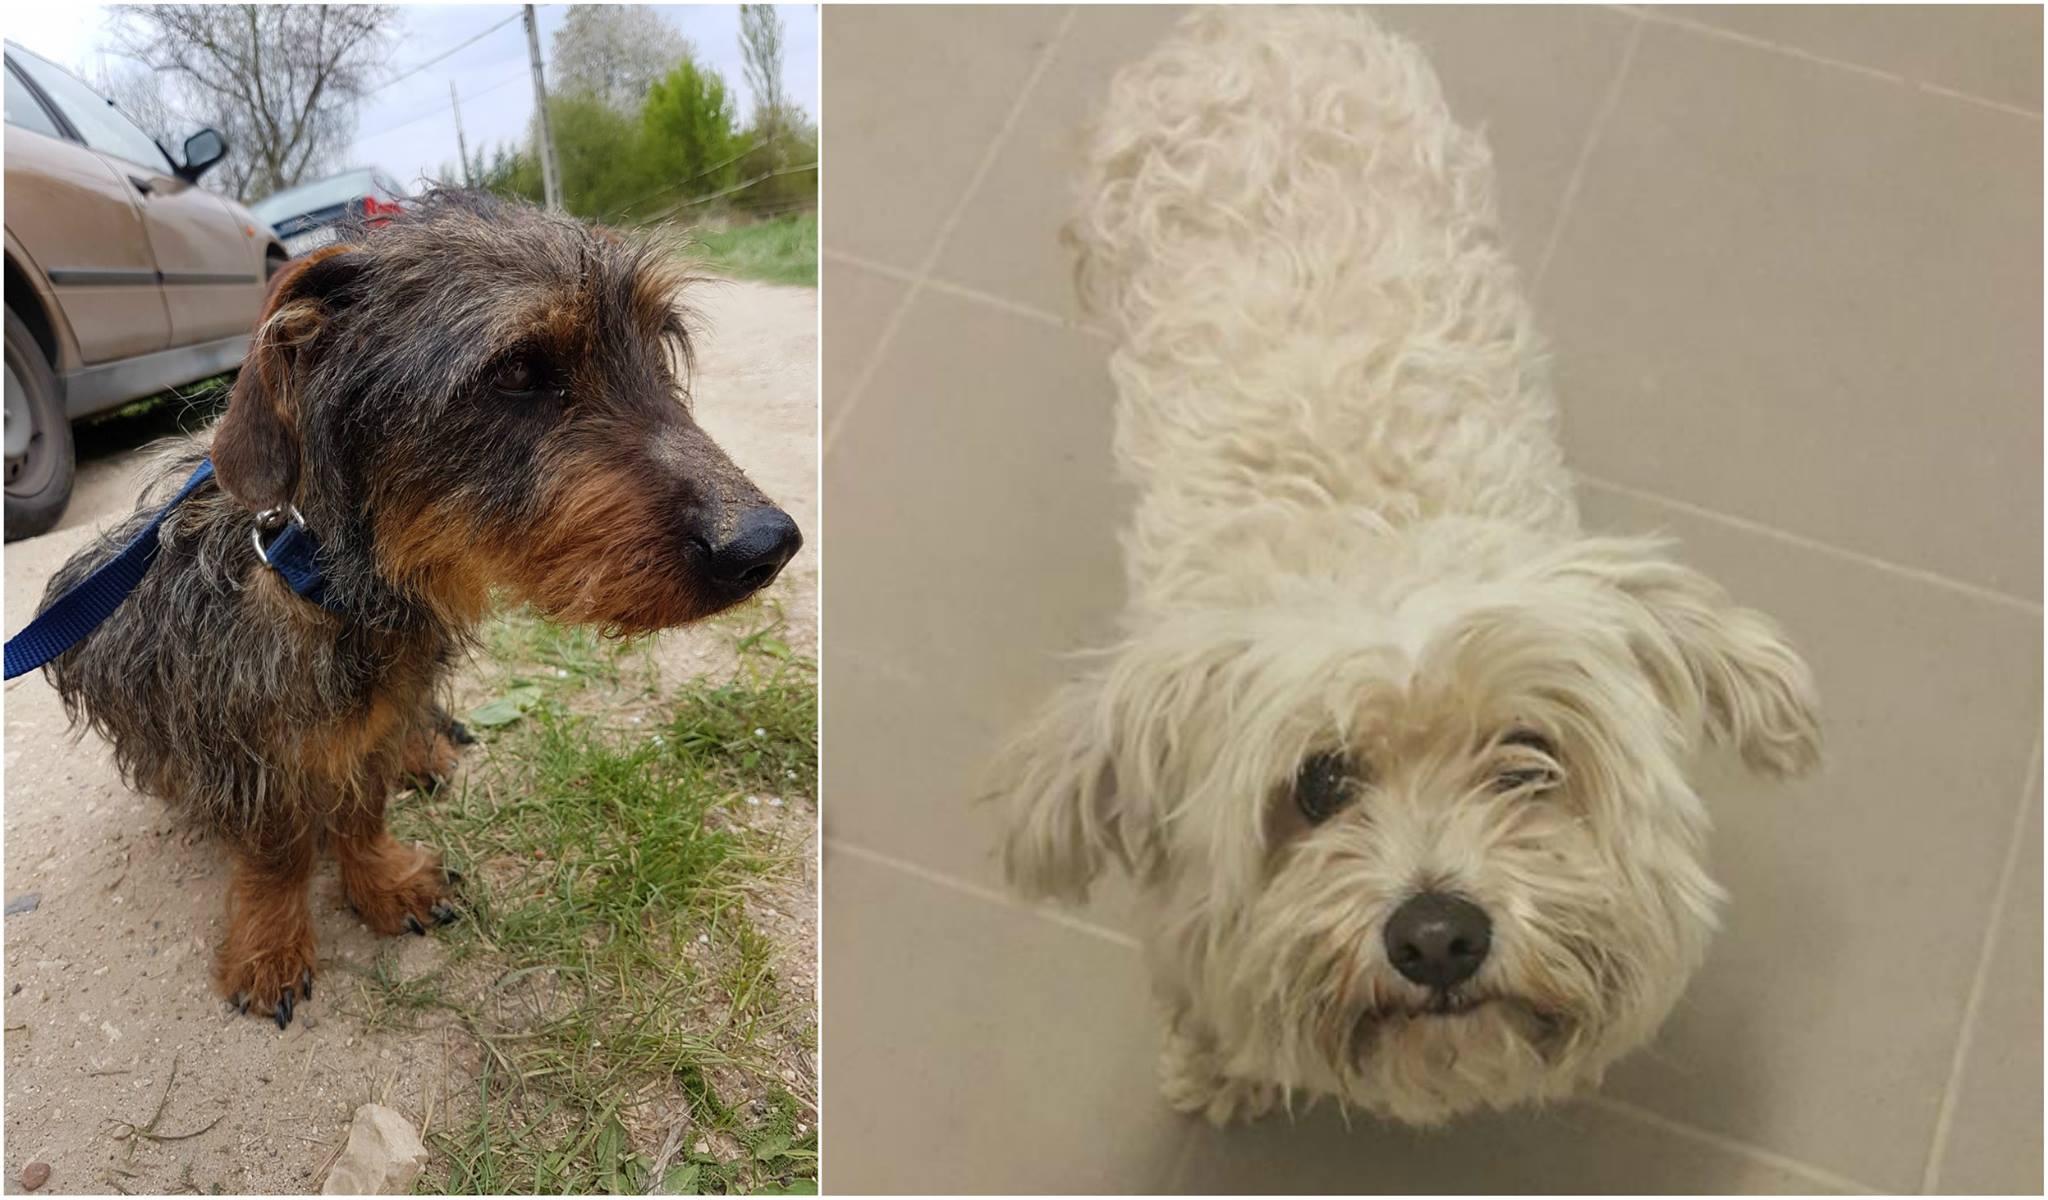 Úgy támadták le rendőrökkel a piliscsabai kutyaotthont, hogy a helyszíni szemle korábban mindent rendben talált